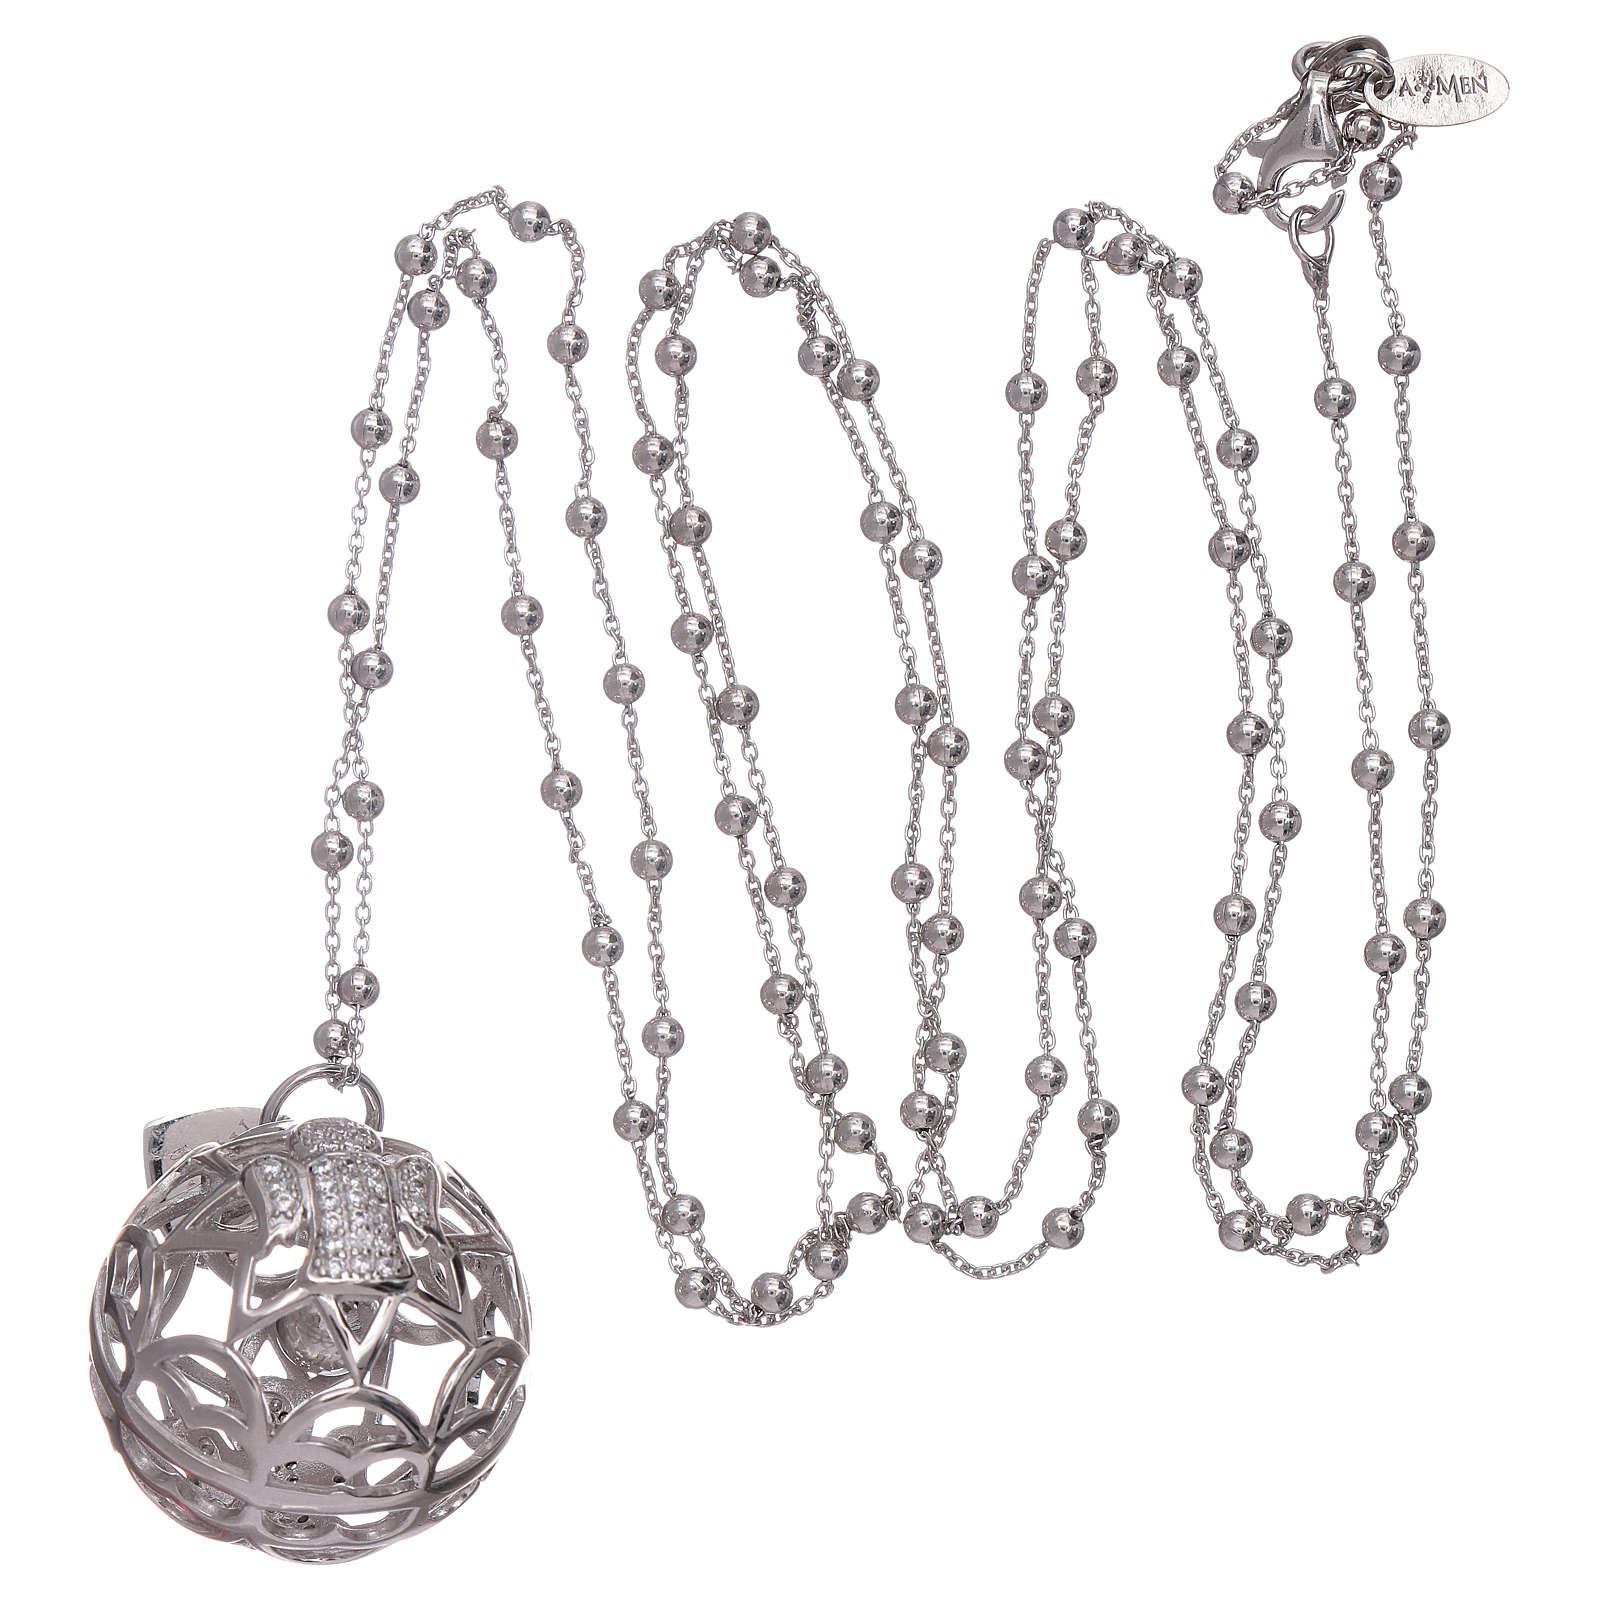 Collar AMEN colgante llamador de ángeles plata 925 y zircones 4